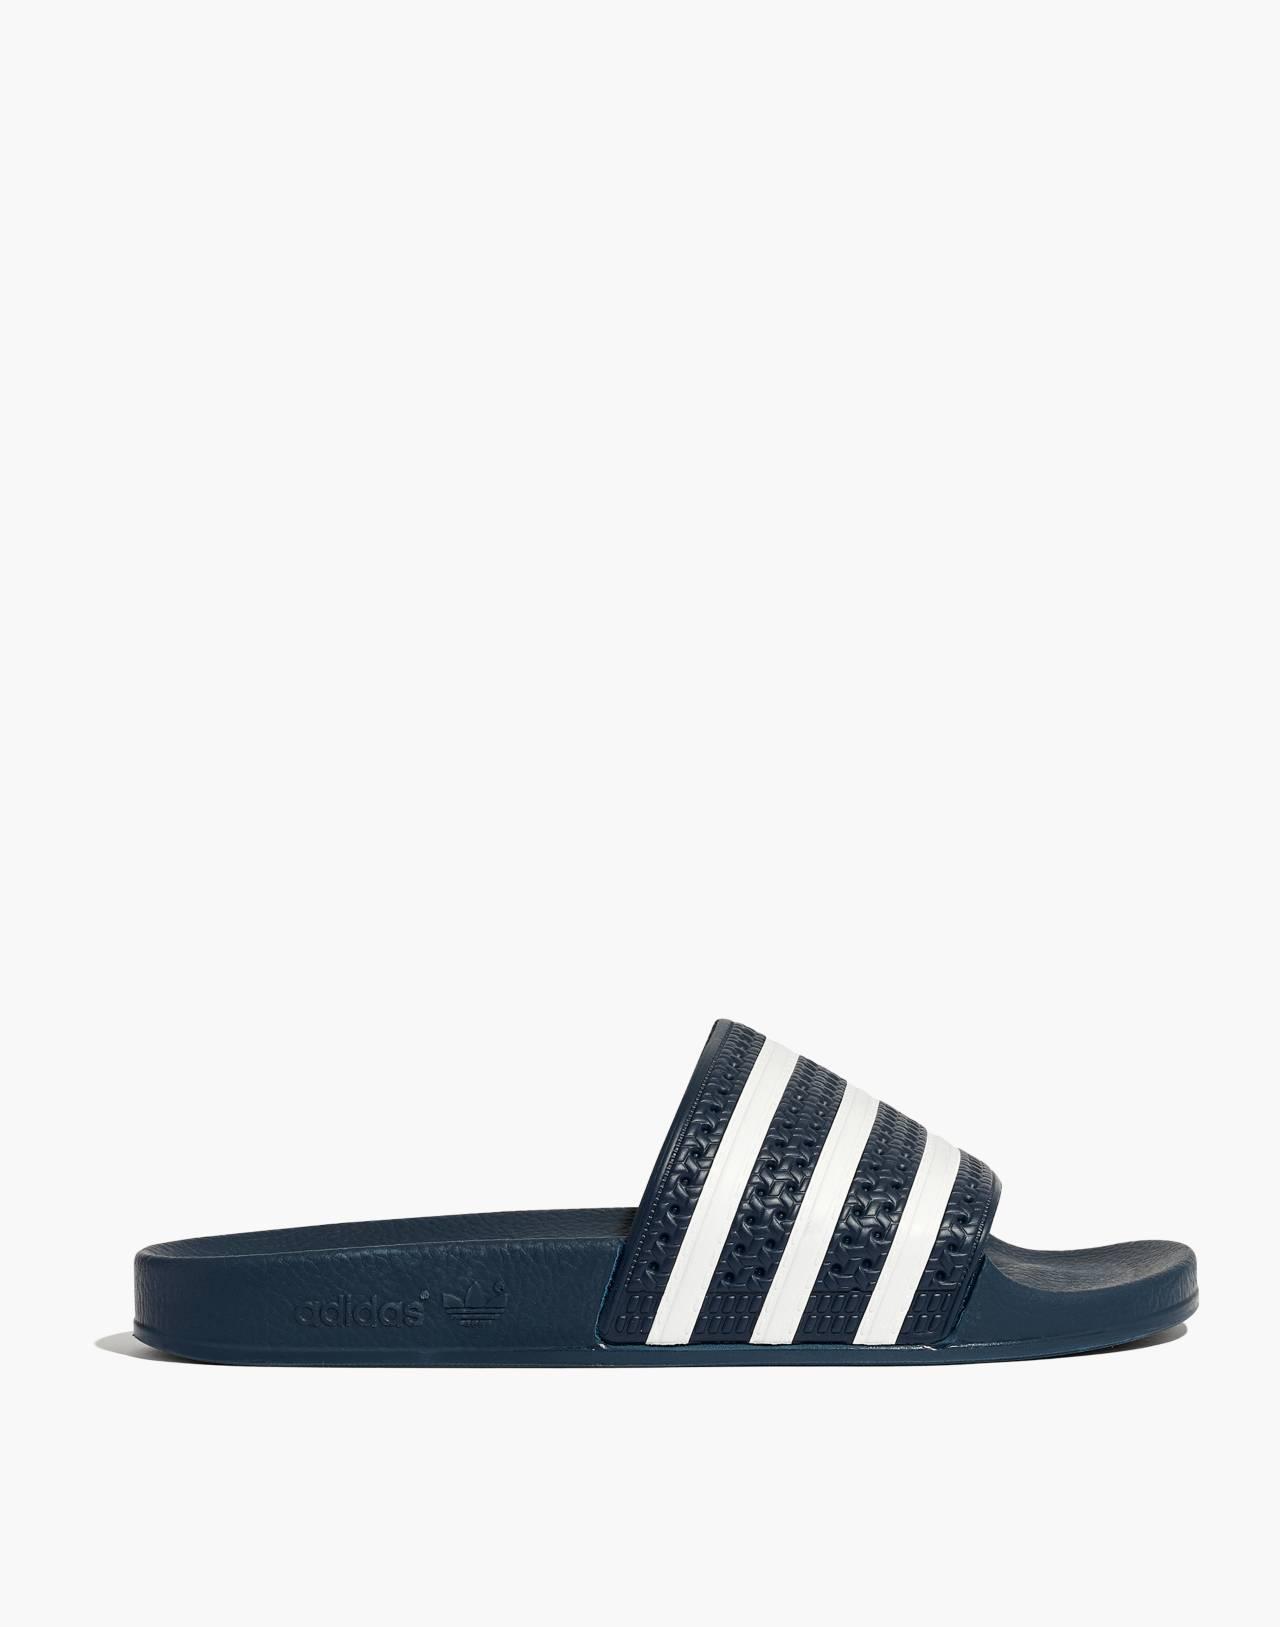 Adidas® Unisex Adilette® Slides in navy white image 2